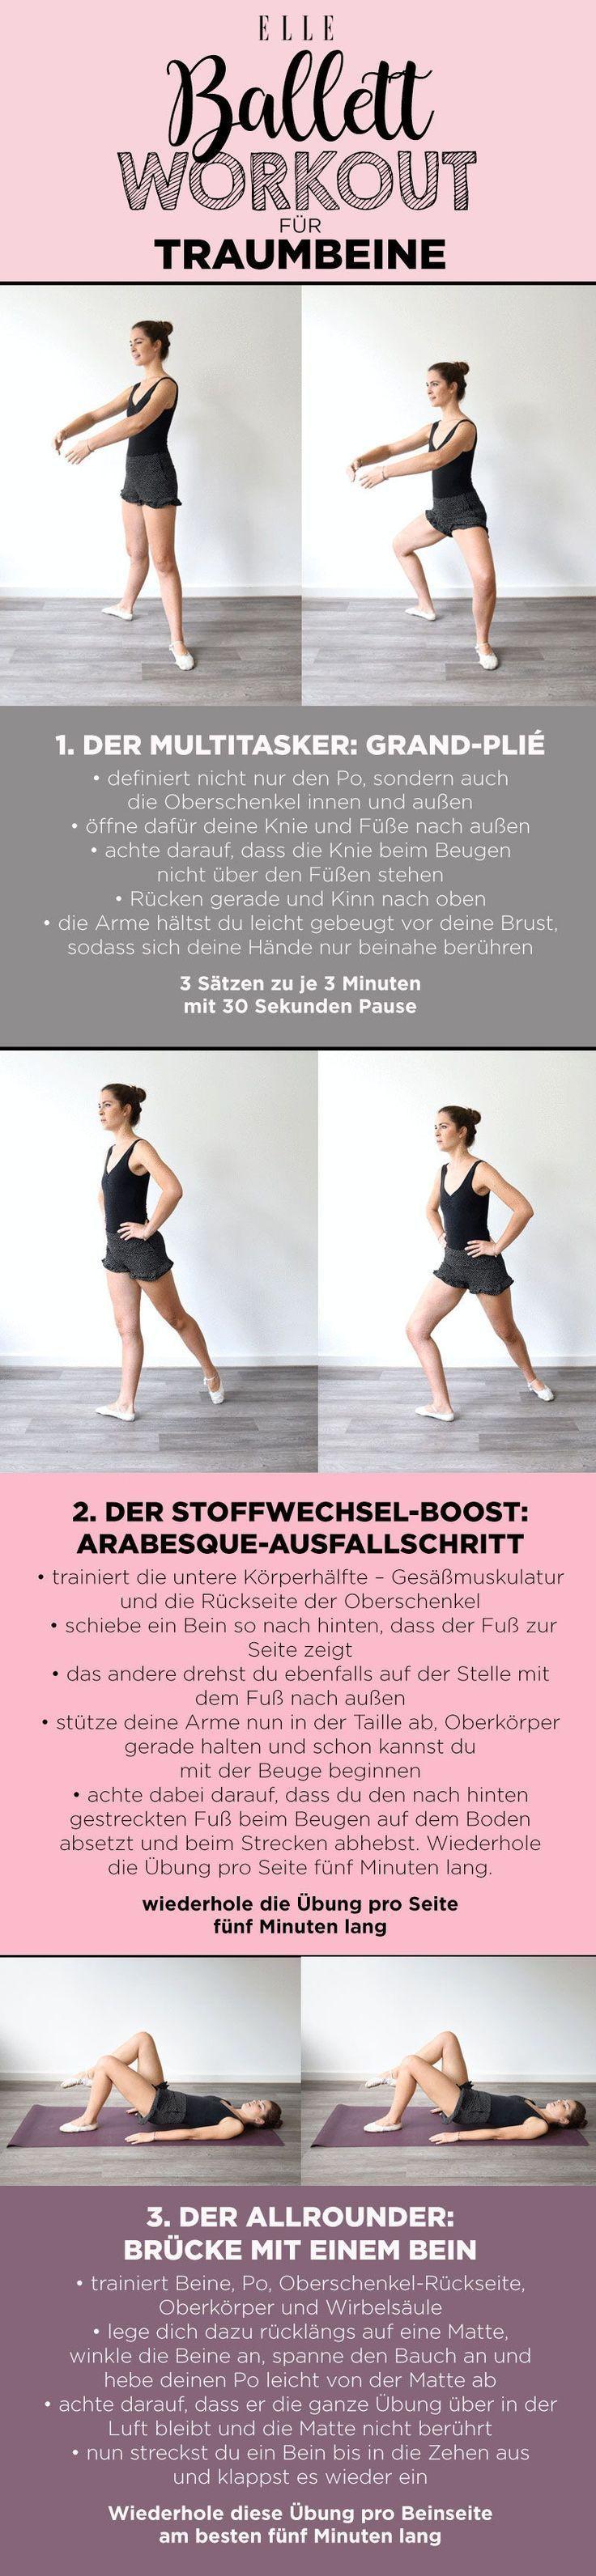 Ballett-Workout: drei Profi-Übungen für Traumbeine#workout #fitness #ballett #...  -  #ballett #Ball...